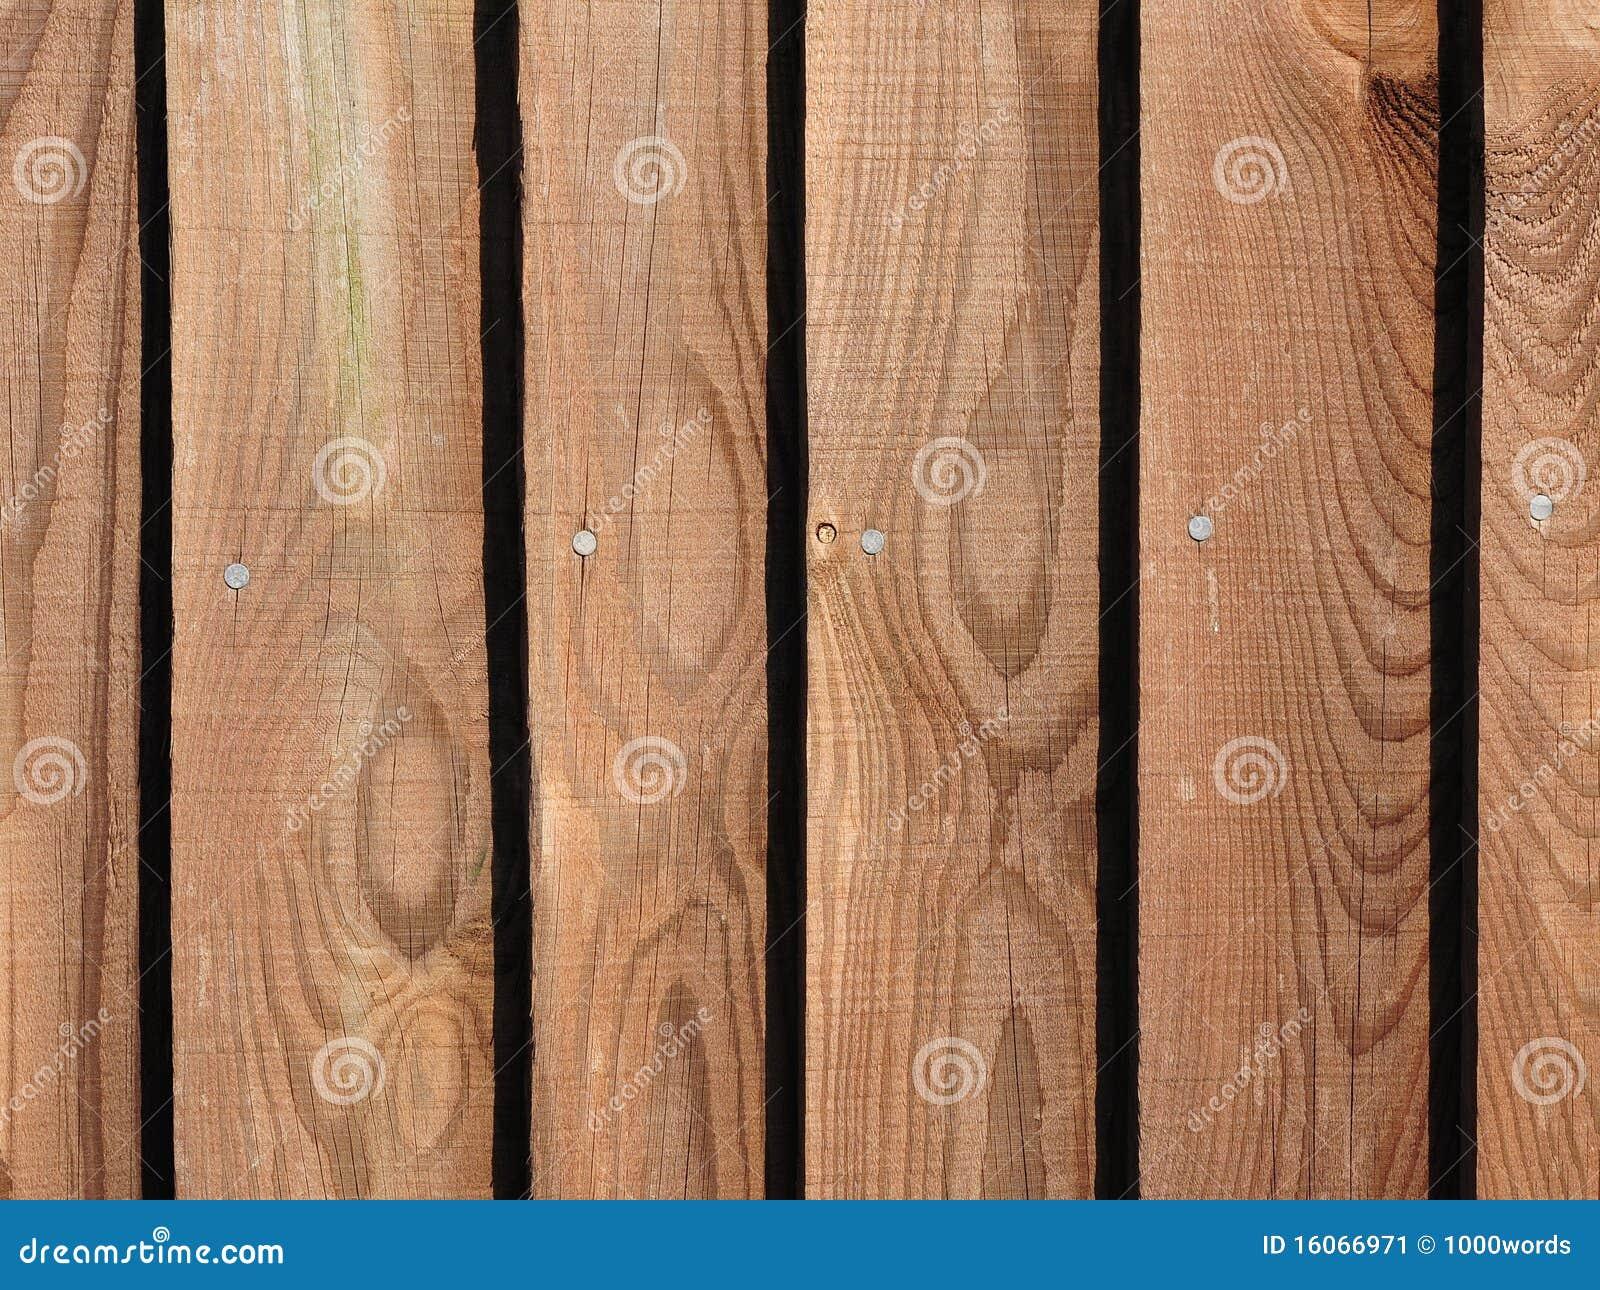 Detalhe de painéis de madeira da cerca. #84A922 1300x1065